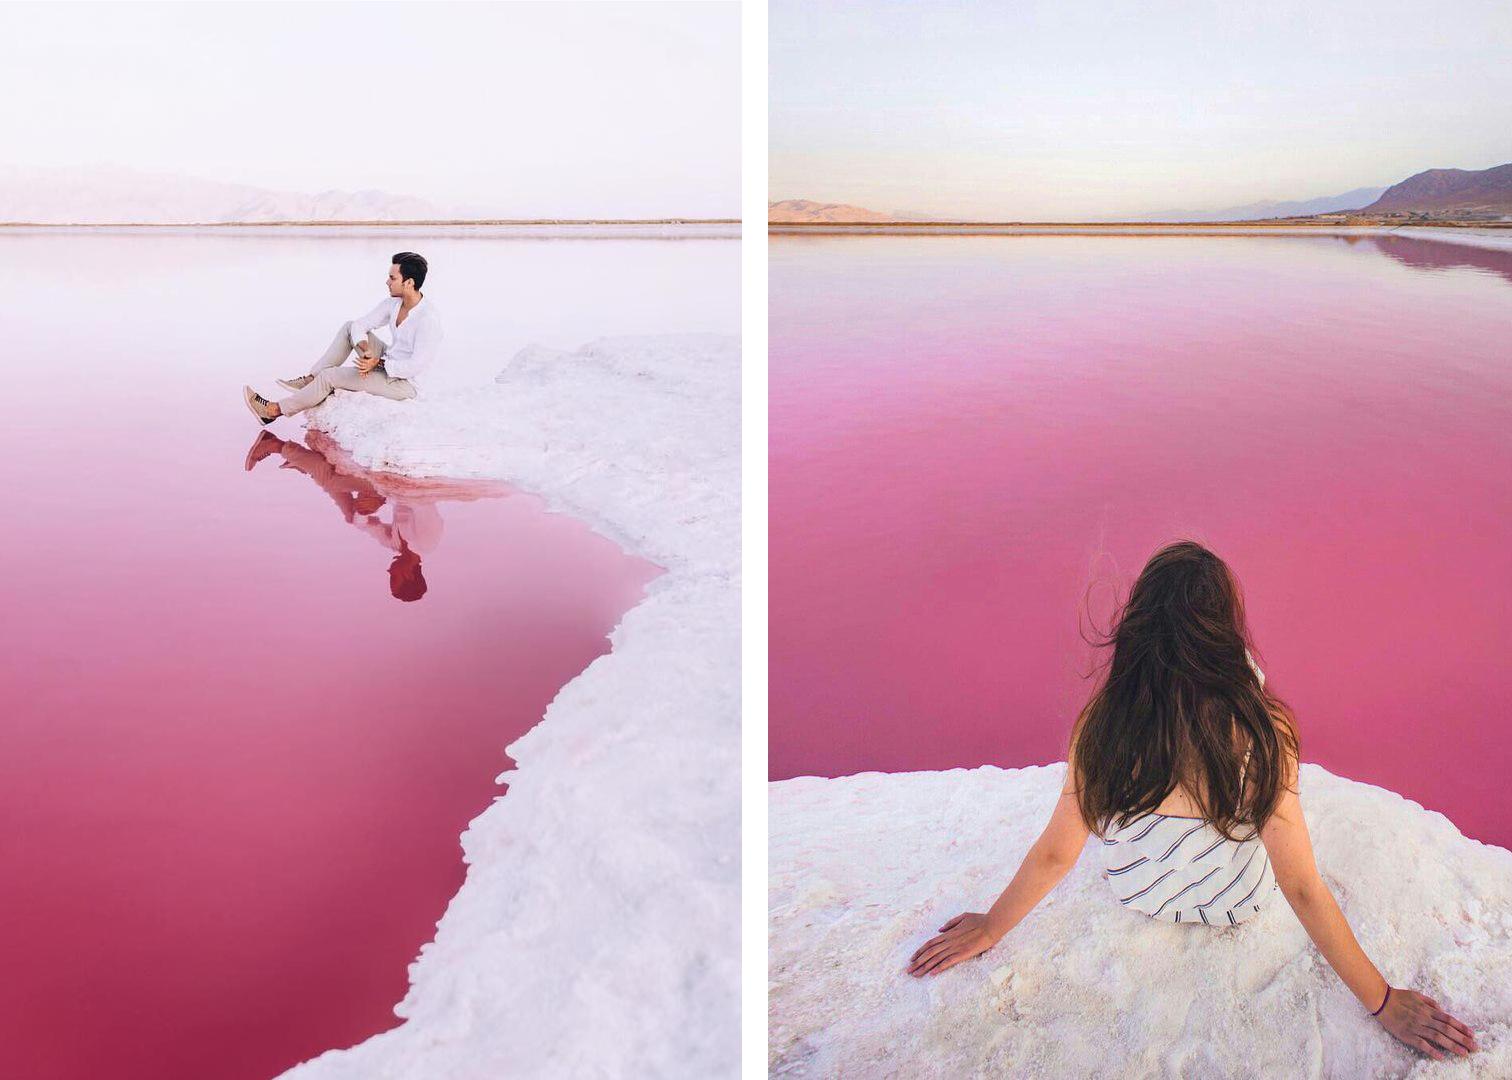 Розовое озеро Махарлу Иран фото для блога bazariran.ru